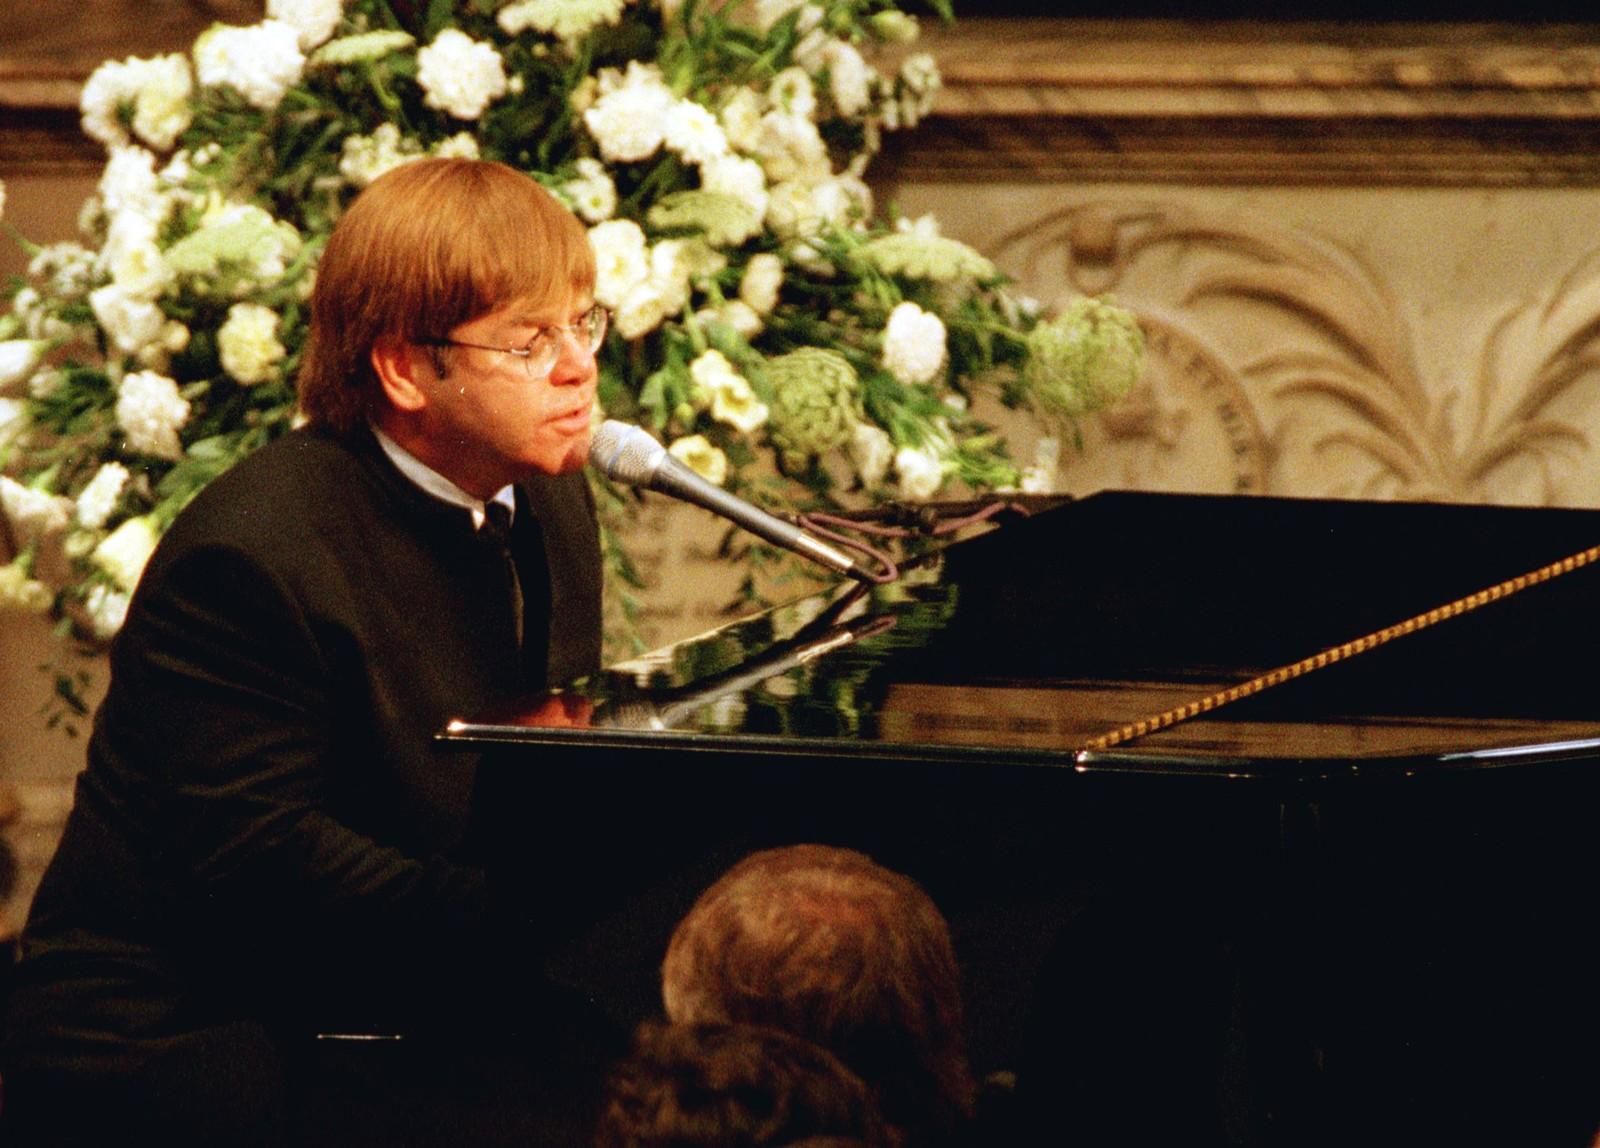 1997: Med ein omskriven versjon av sin eigen «Candle in the wind» rørte Elton John millionar av mennesker som fulgte prinsesse Diana si gravferd 6. september. Før gravferda sa Elton John at han ville gjere sitt beste for å ikkje begynne å gråte under framføringa.